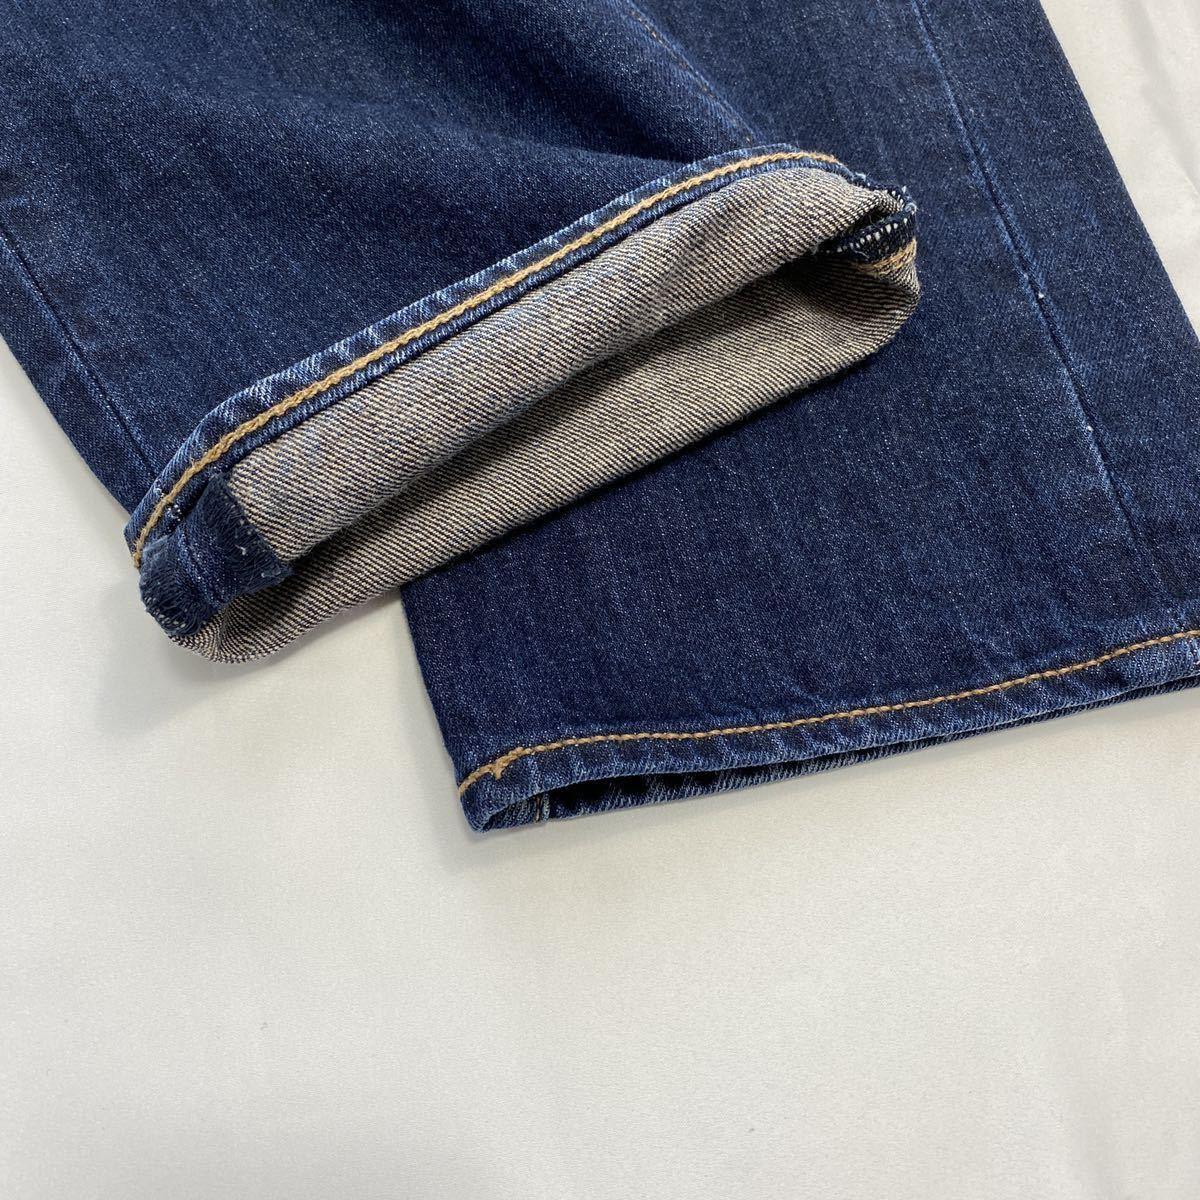 【32】Levi's 501 デニム ジーンズ 濃紺 ボタンフライ 定番 リーバイス ストレートパンツ アメカジ ストリート 革パッチ 現行